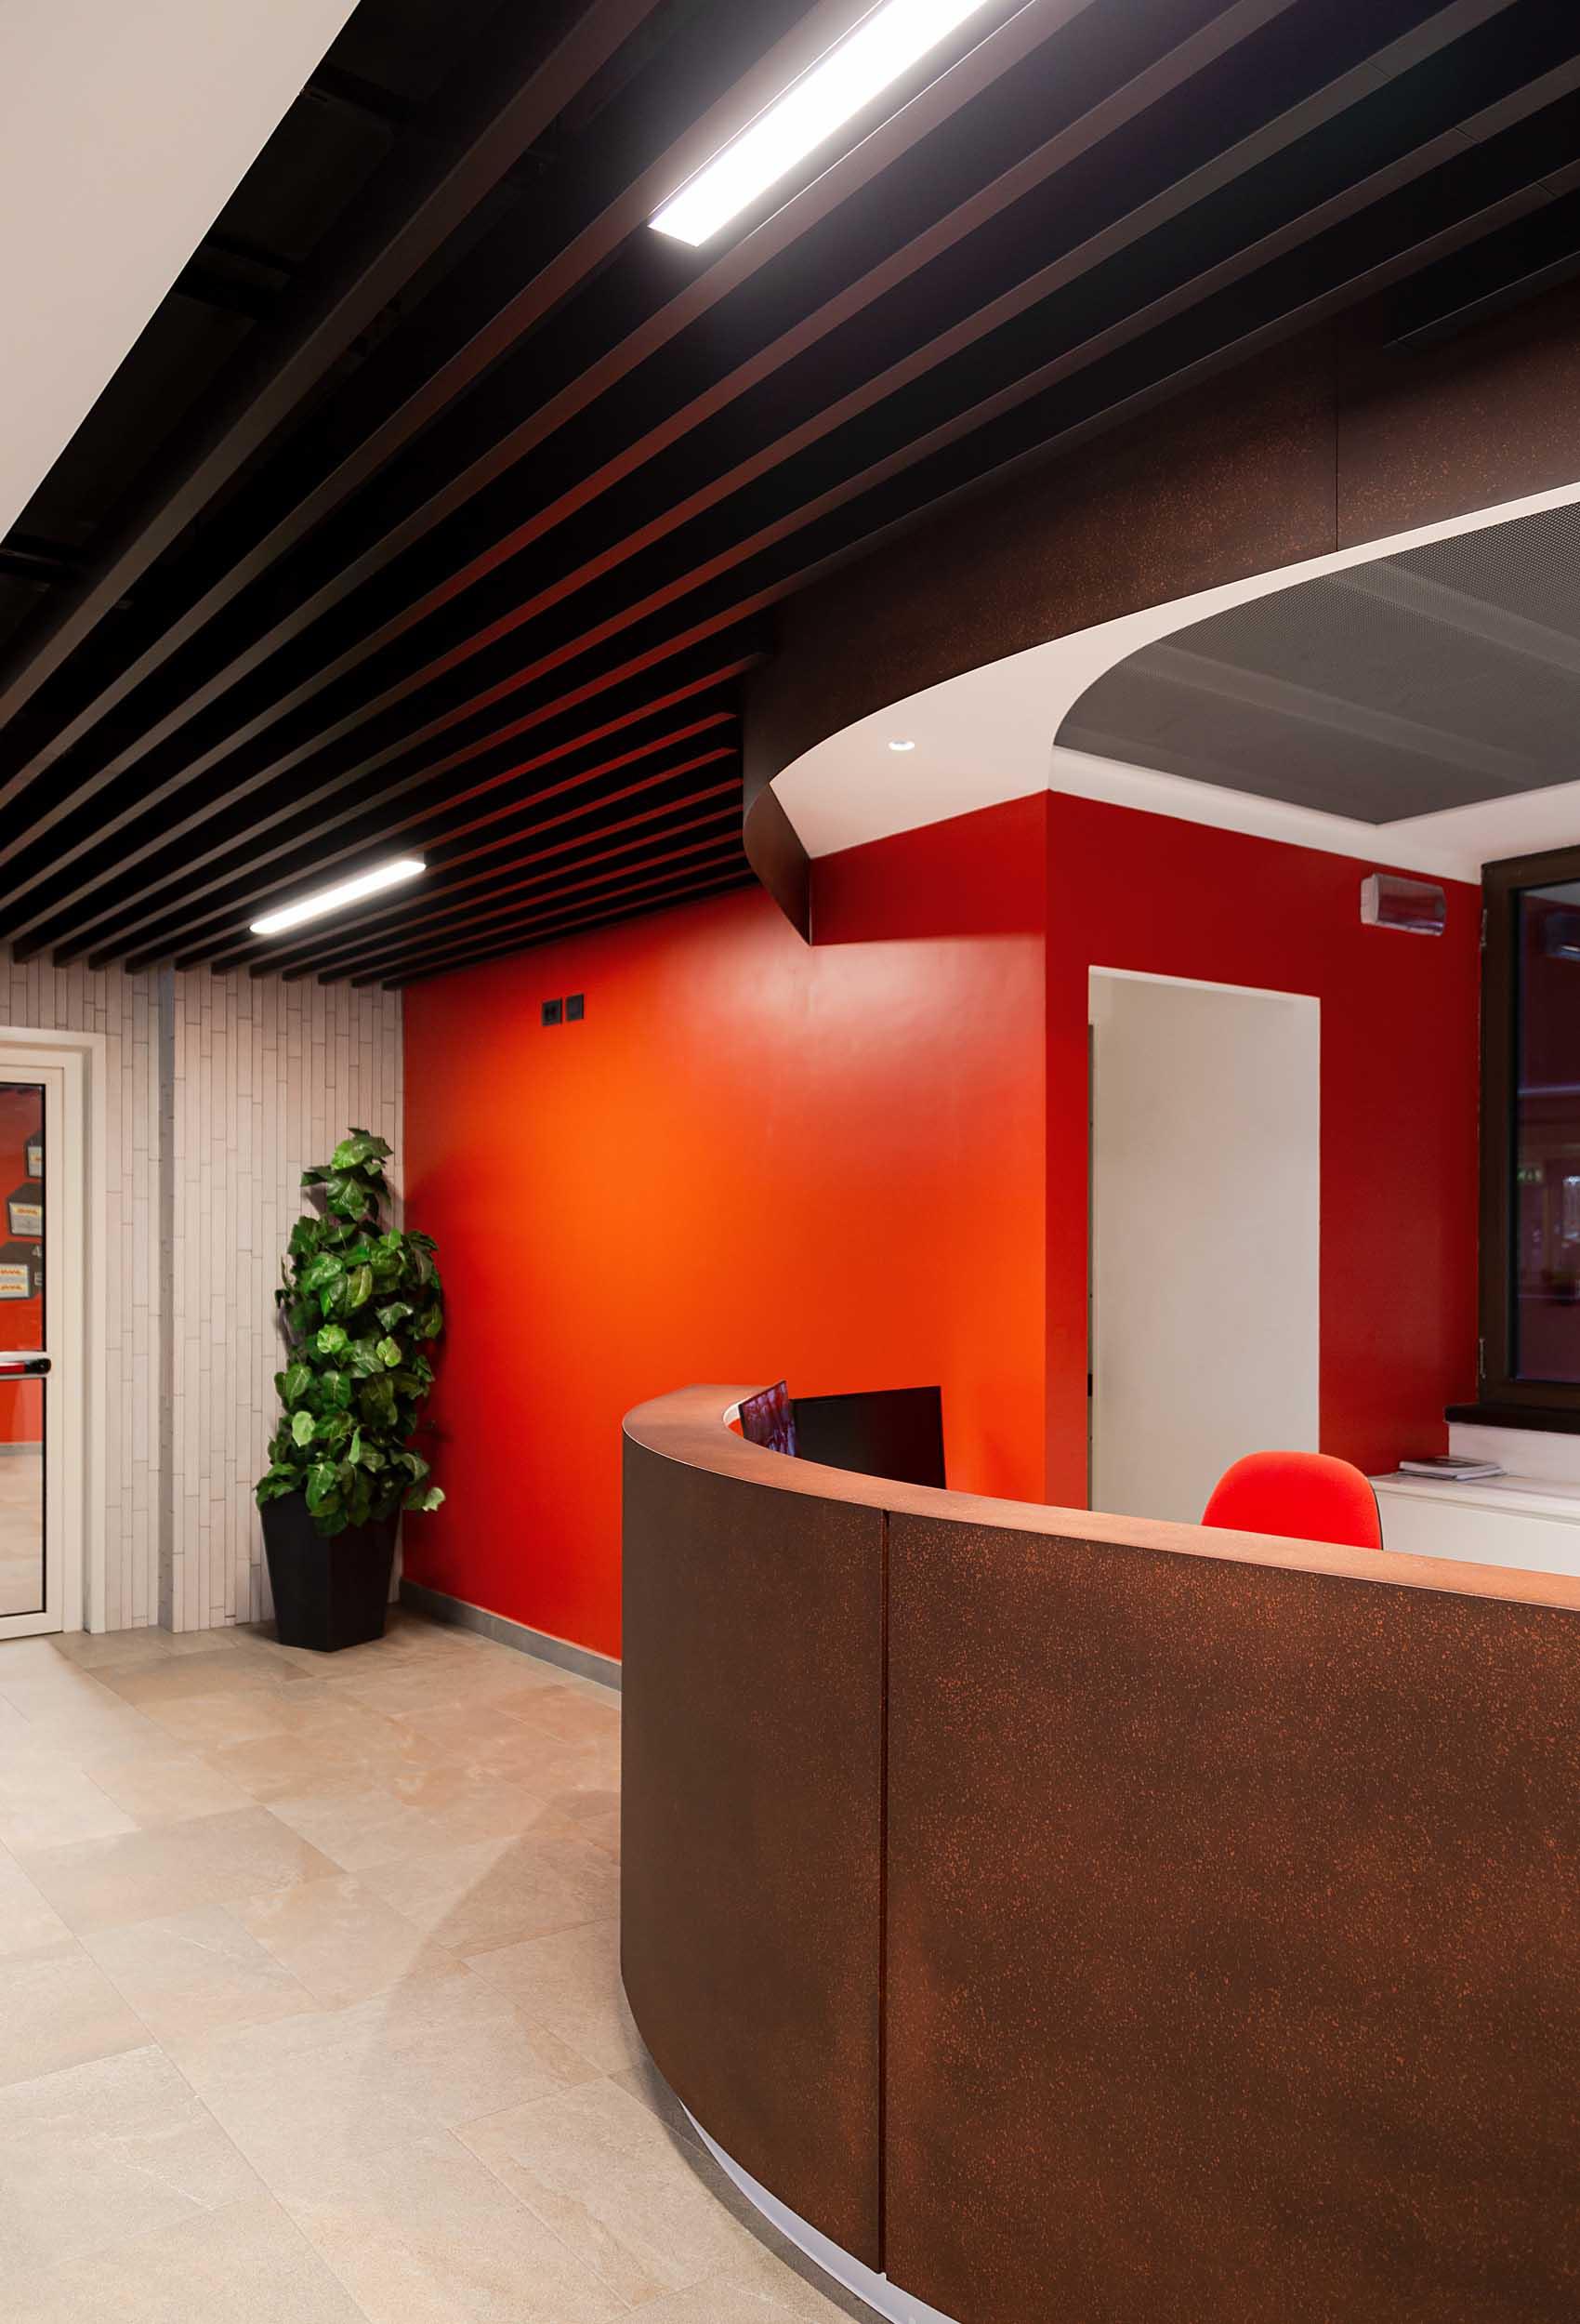 interior-design-office-design-reception-roma-studio-architettura-forniti-fad-13